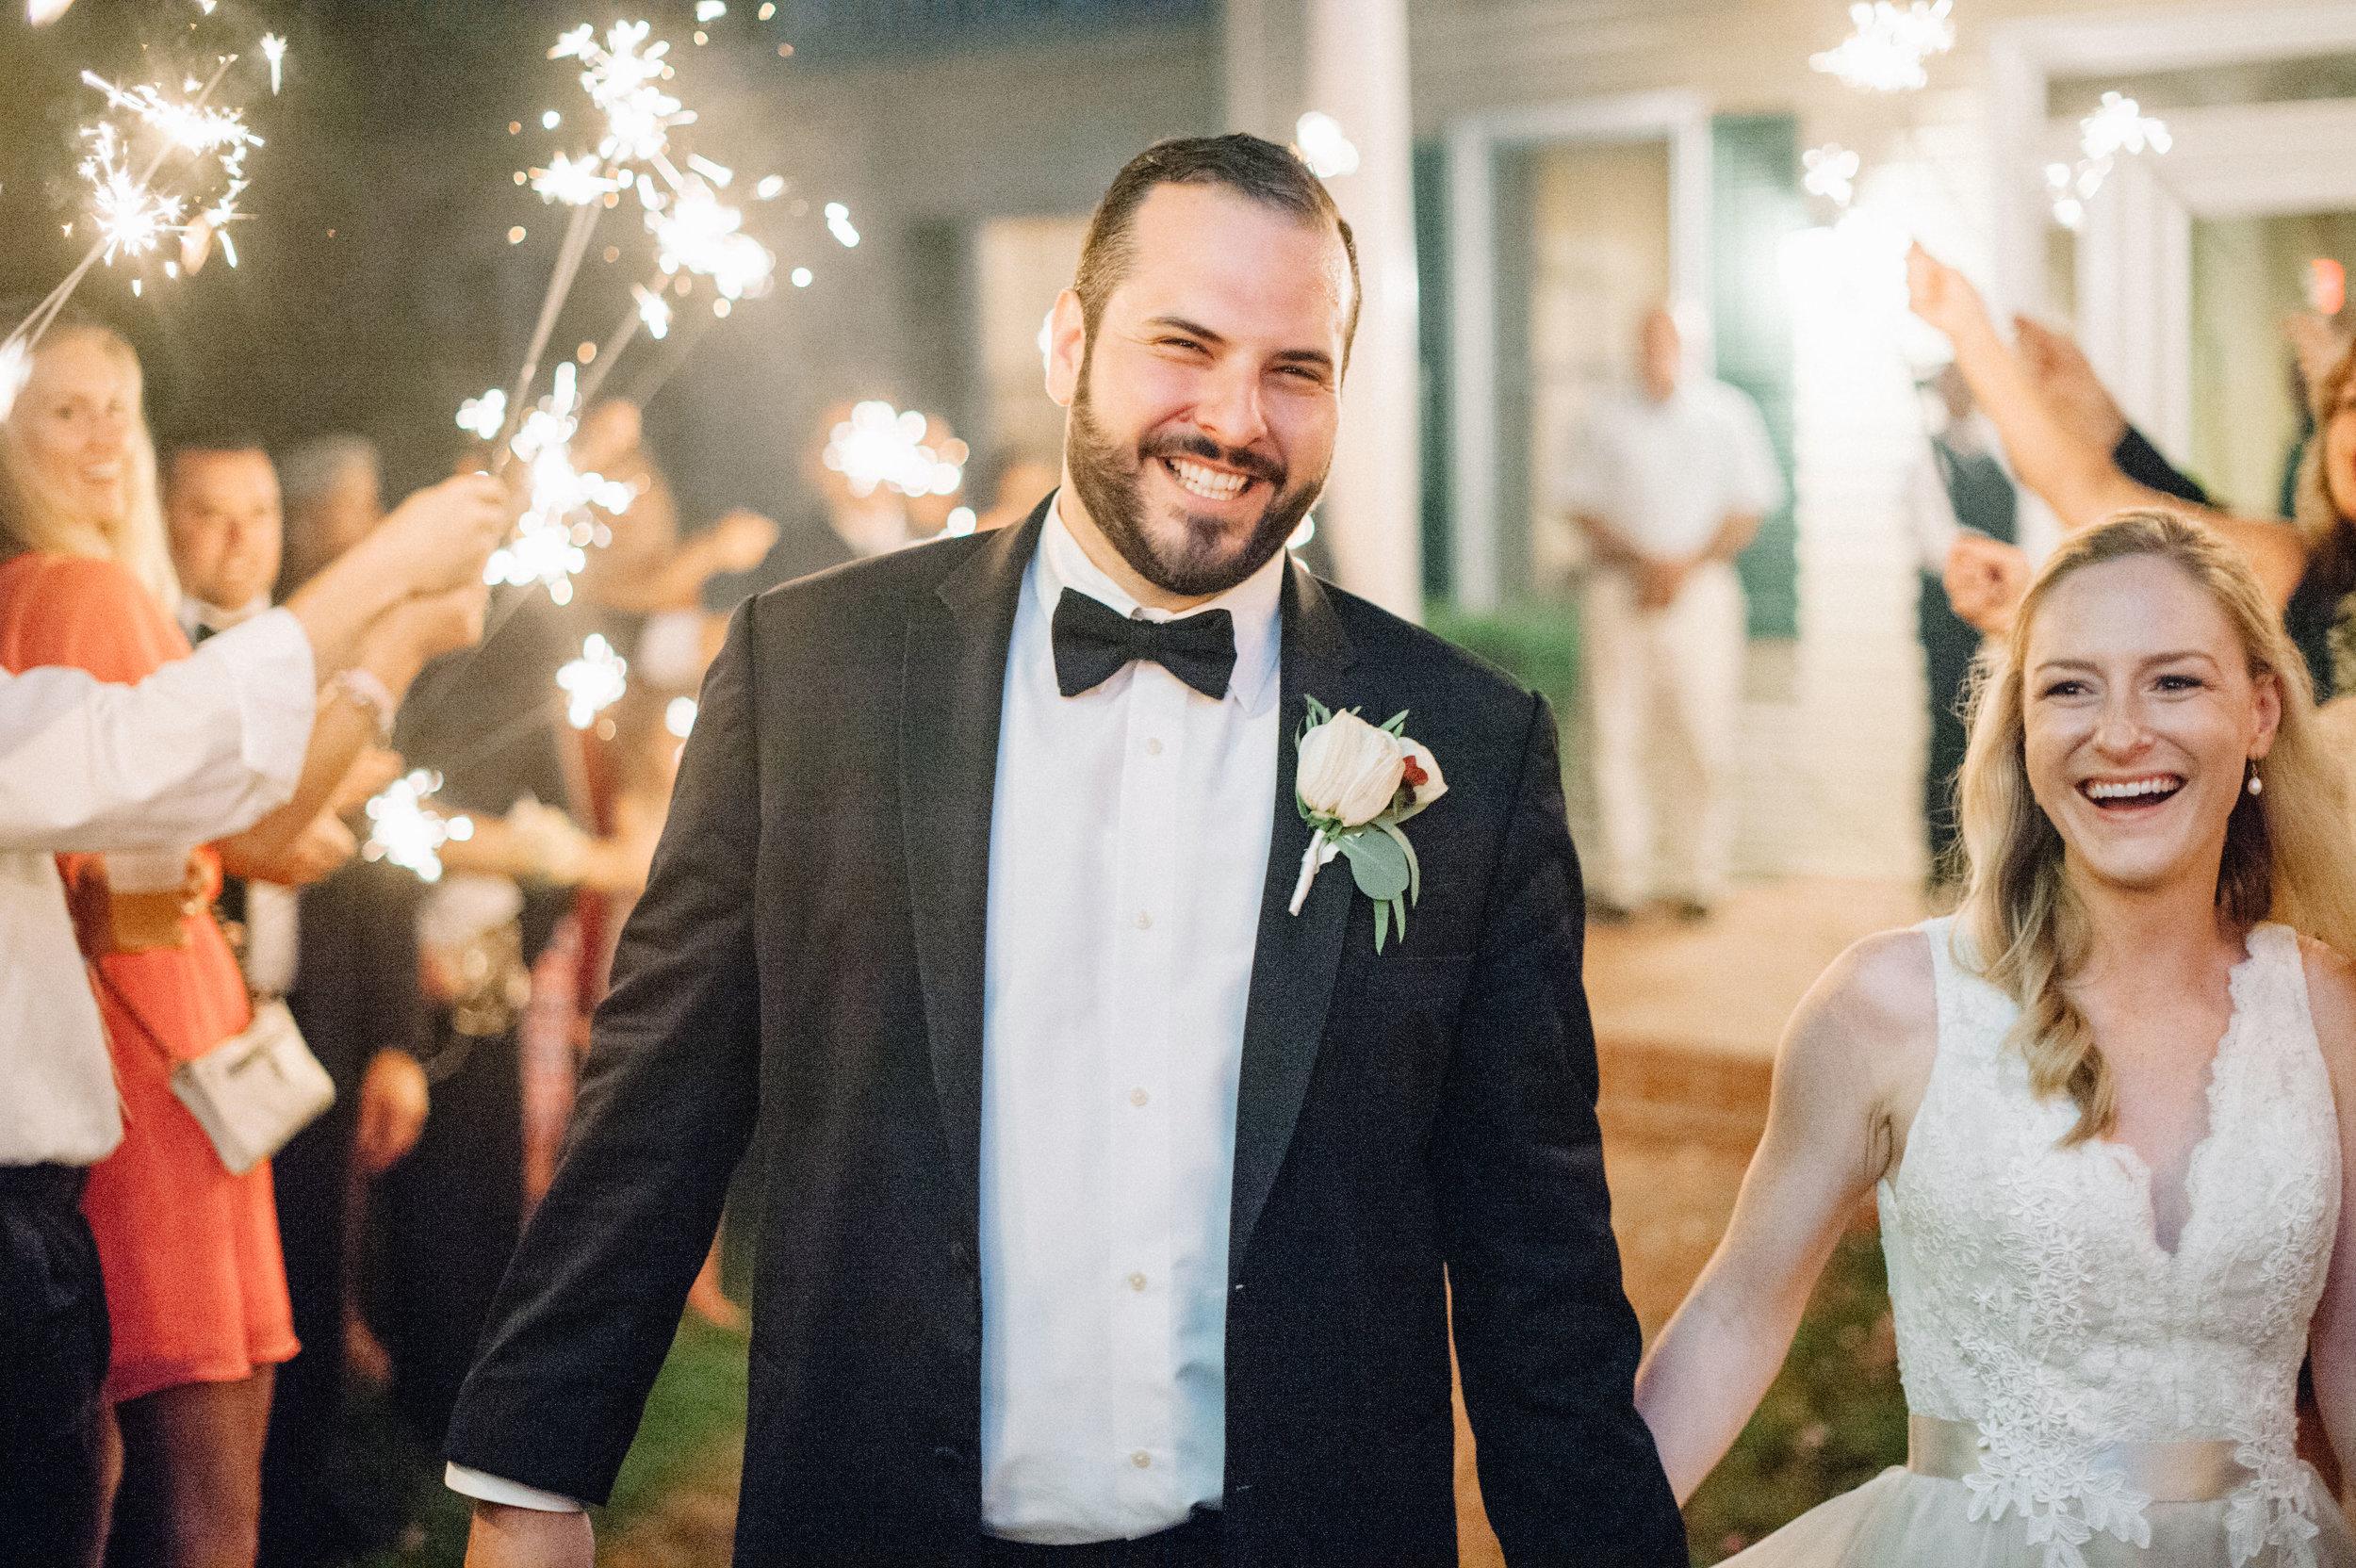 Marylandweddingphotographersarahhouston